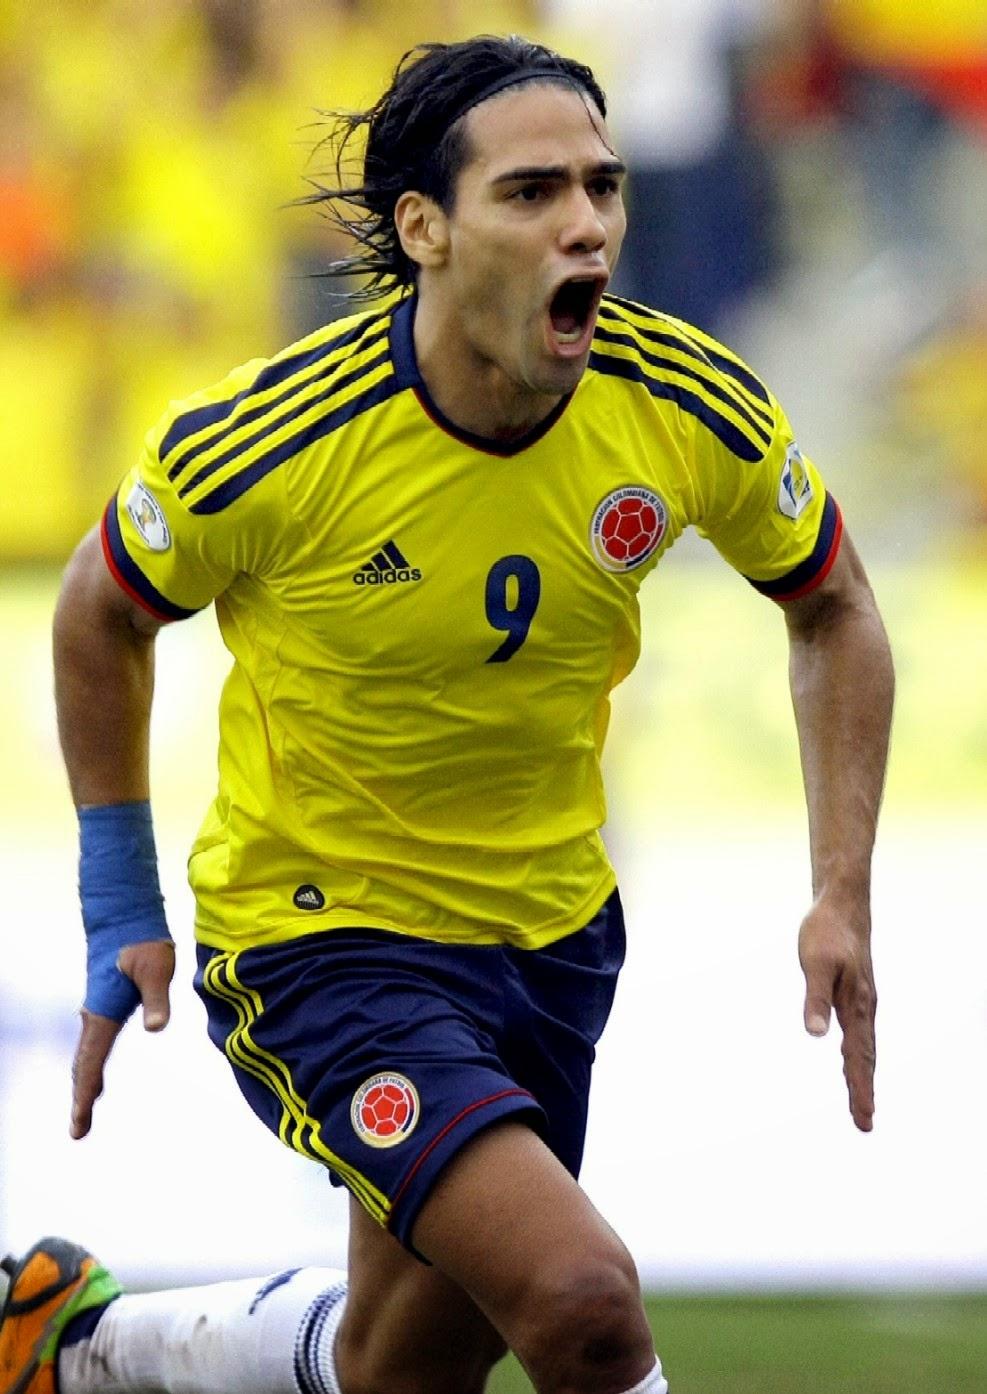 Los 10 Jugadores mas Caros del Mundial Brasil 2014